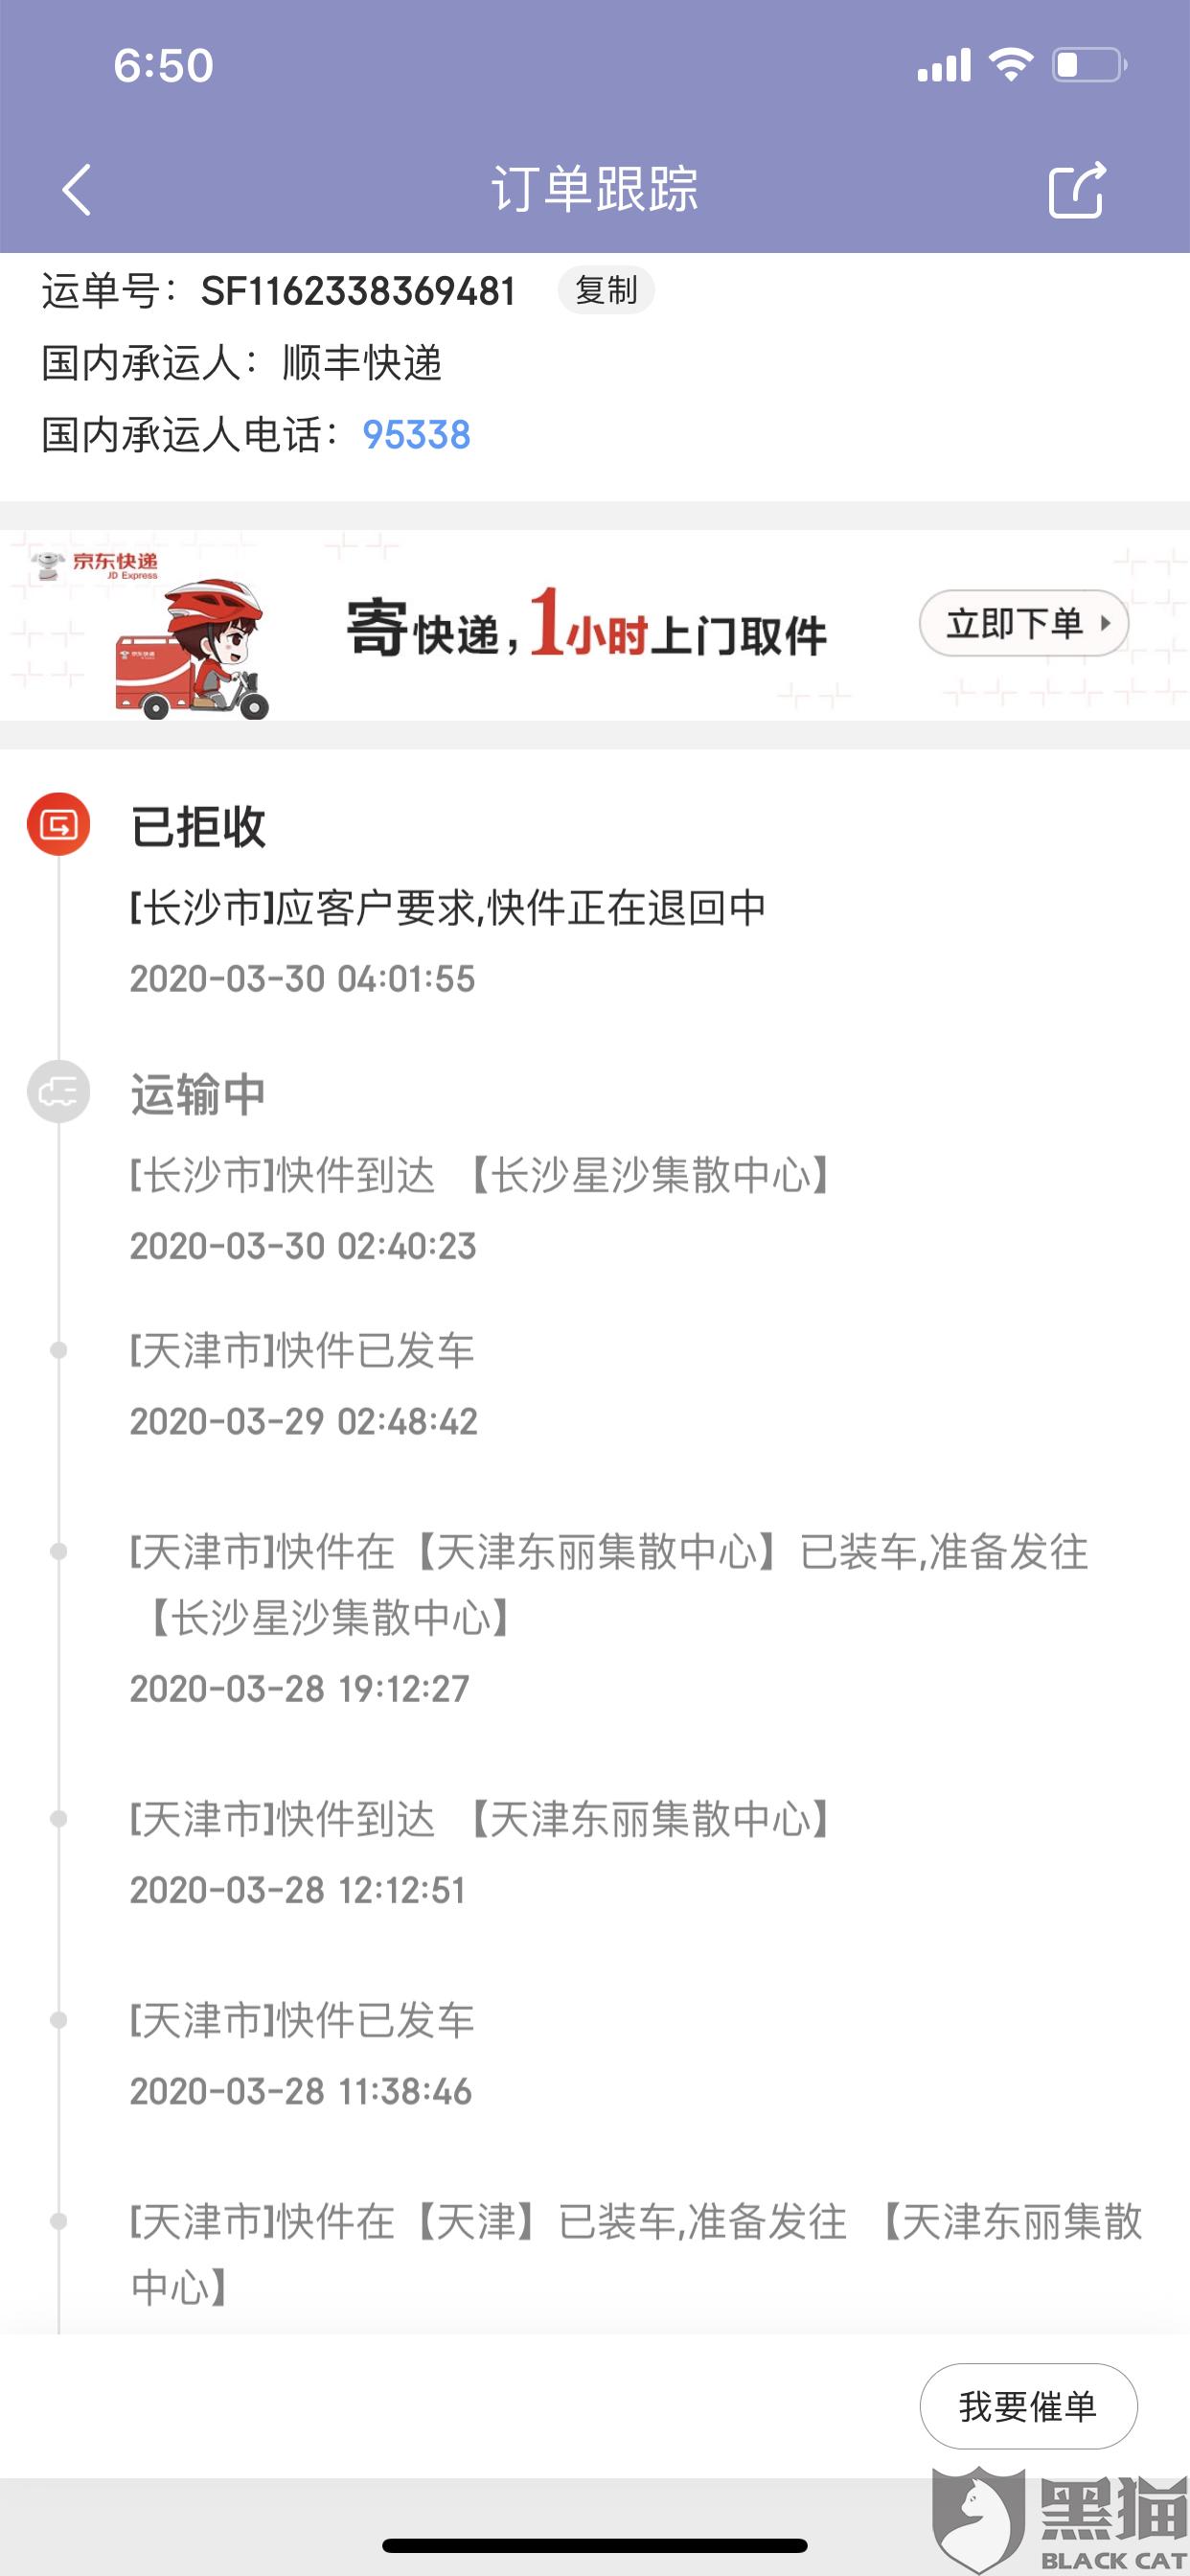 黑猫投诉:京东FILA斐乐官方旗舰店欺诈消费者,强制回收快件,店大欺客。